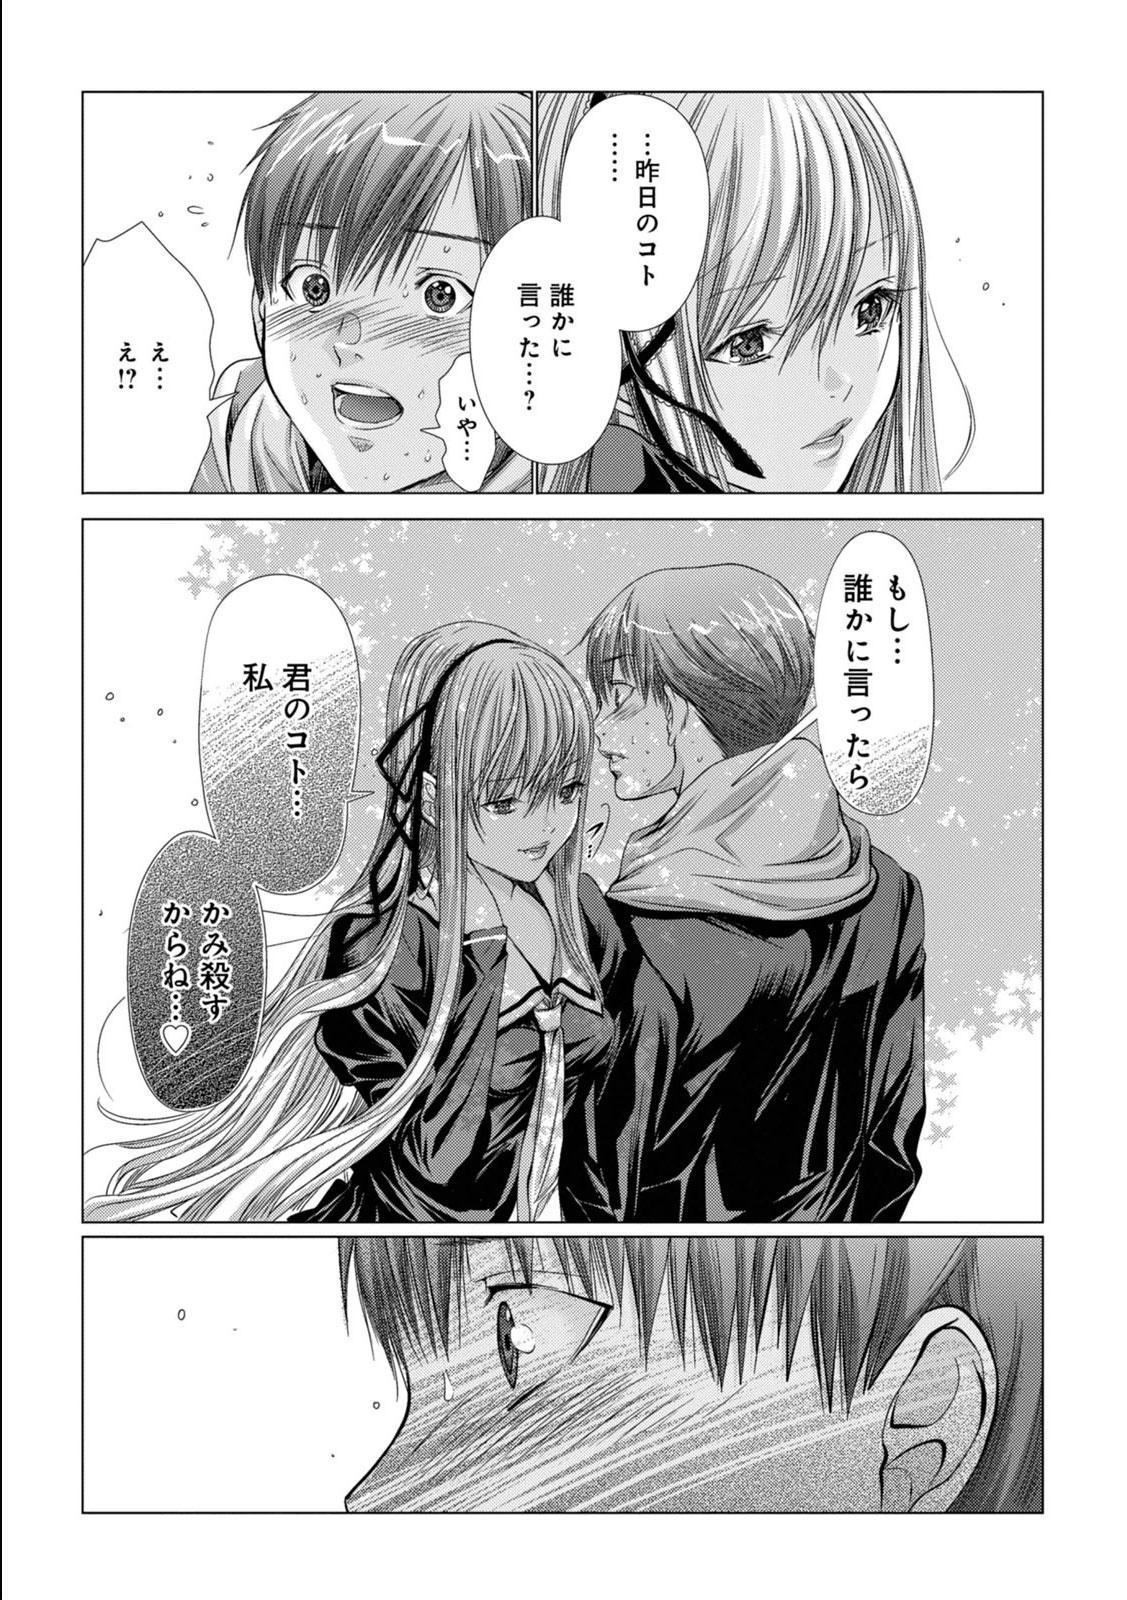 [Miyazaki Maya] Holy Knight ~Junketsu to Ai no Hazama de~ Vol. 1 42